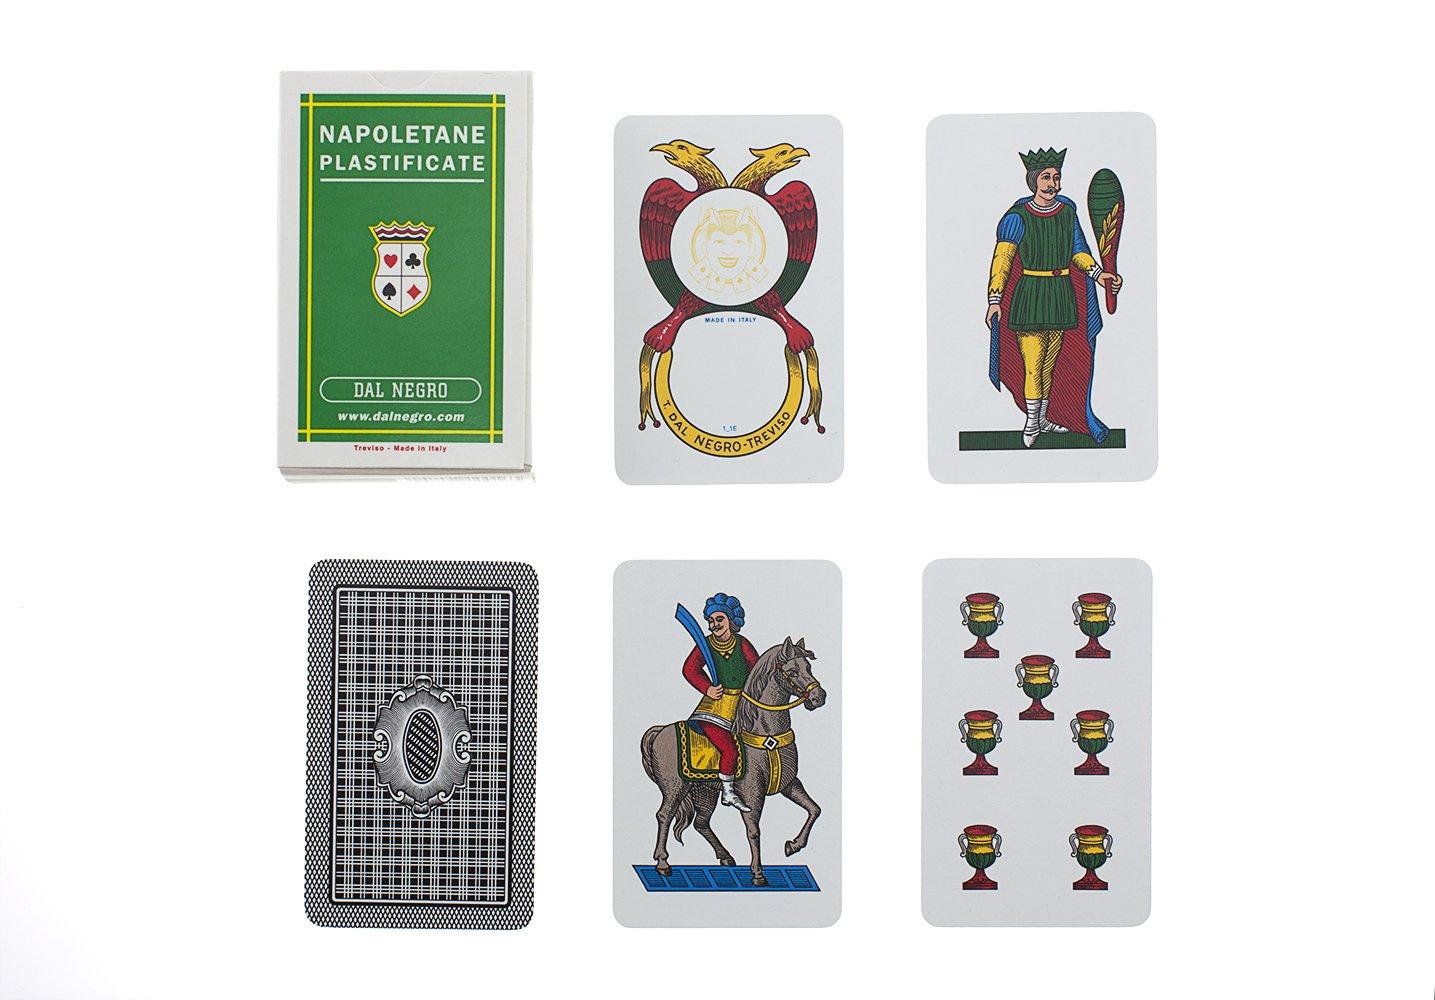 Dal Negro 10016 - Napoletane Carte da Gioco Regionali, Astuccio Verde Astuccio Verde Teodomiro Dal Negro S.p.A.